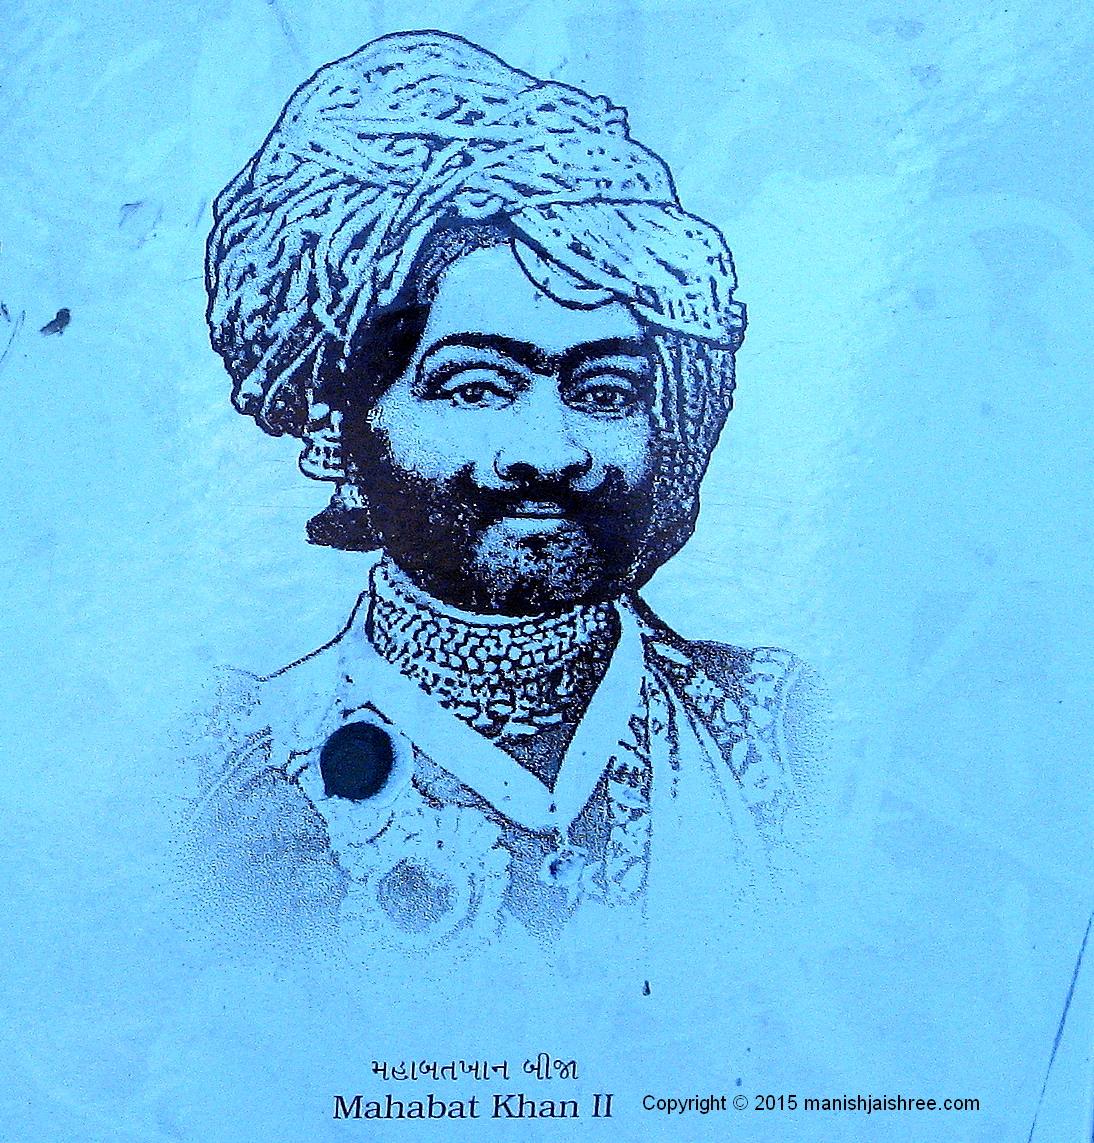 Mahabat Khan II, Junagadh